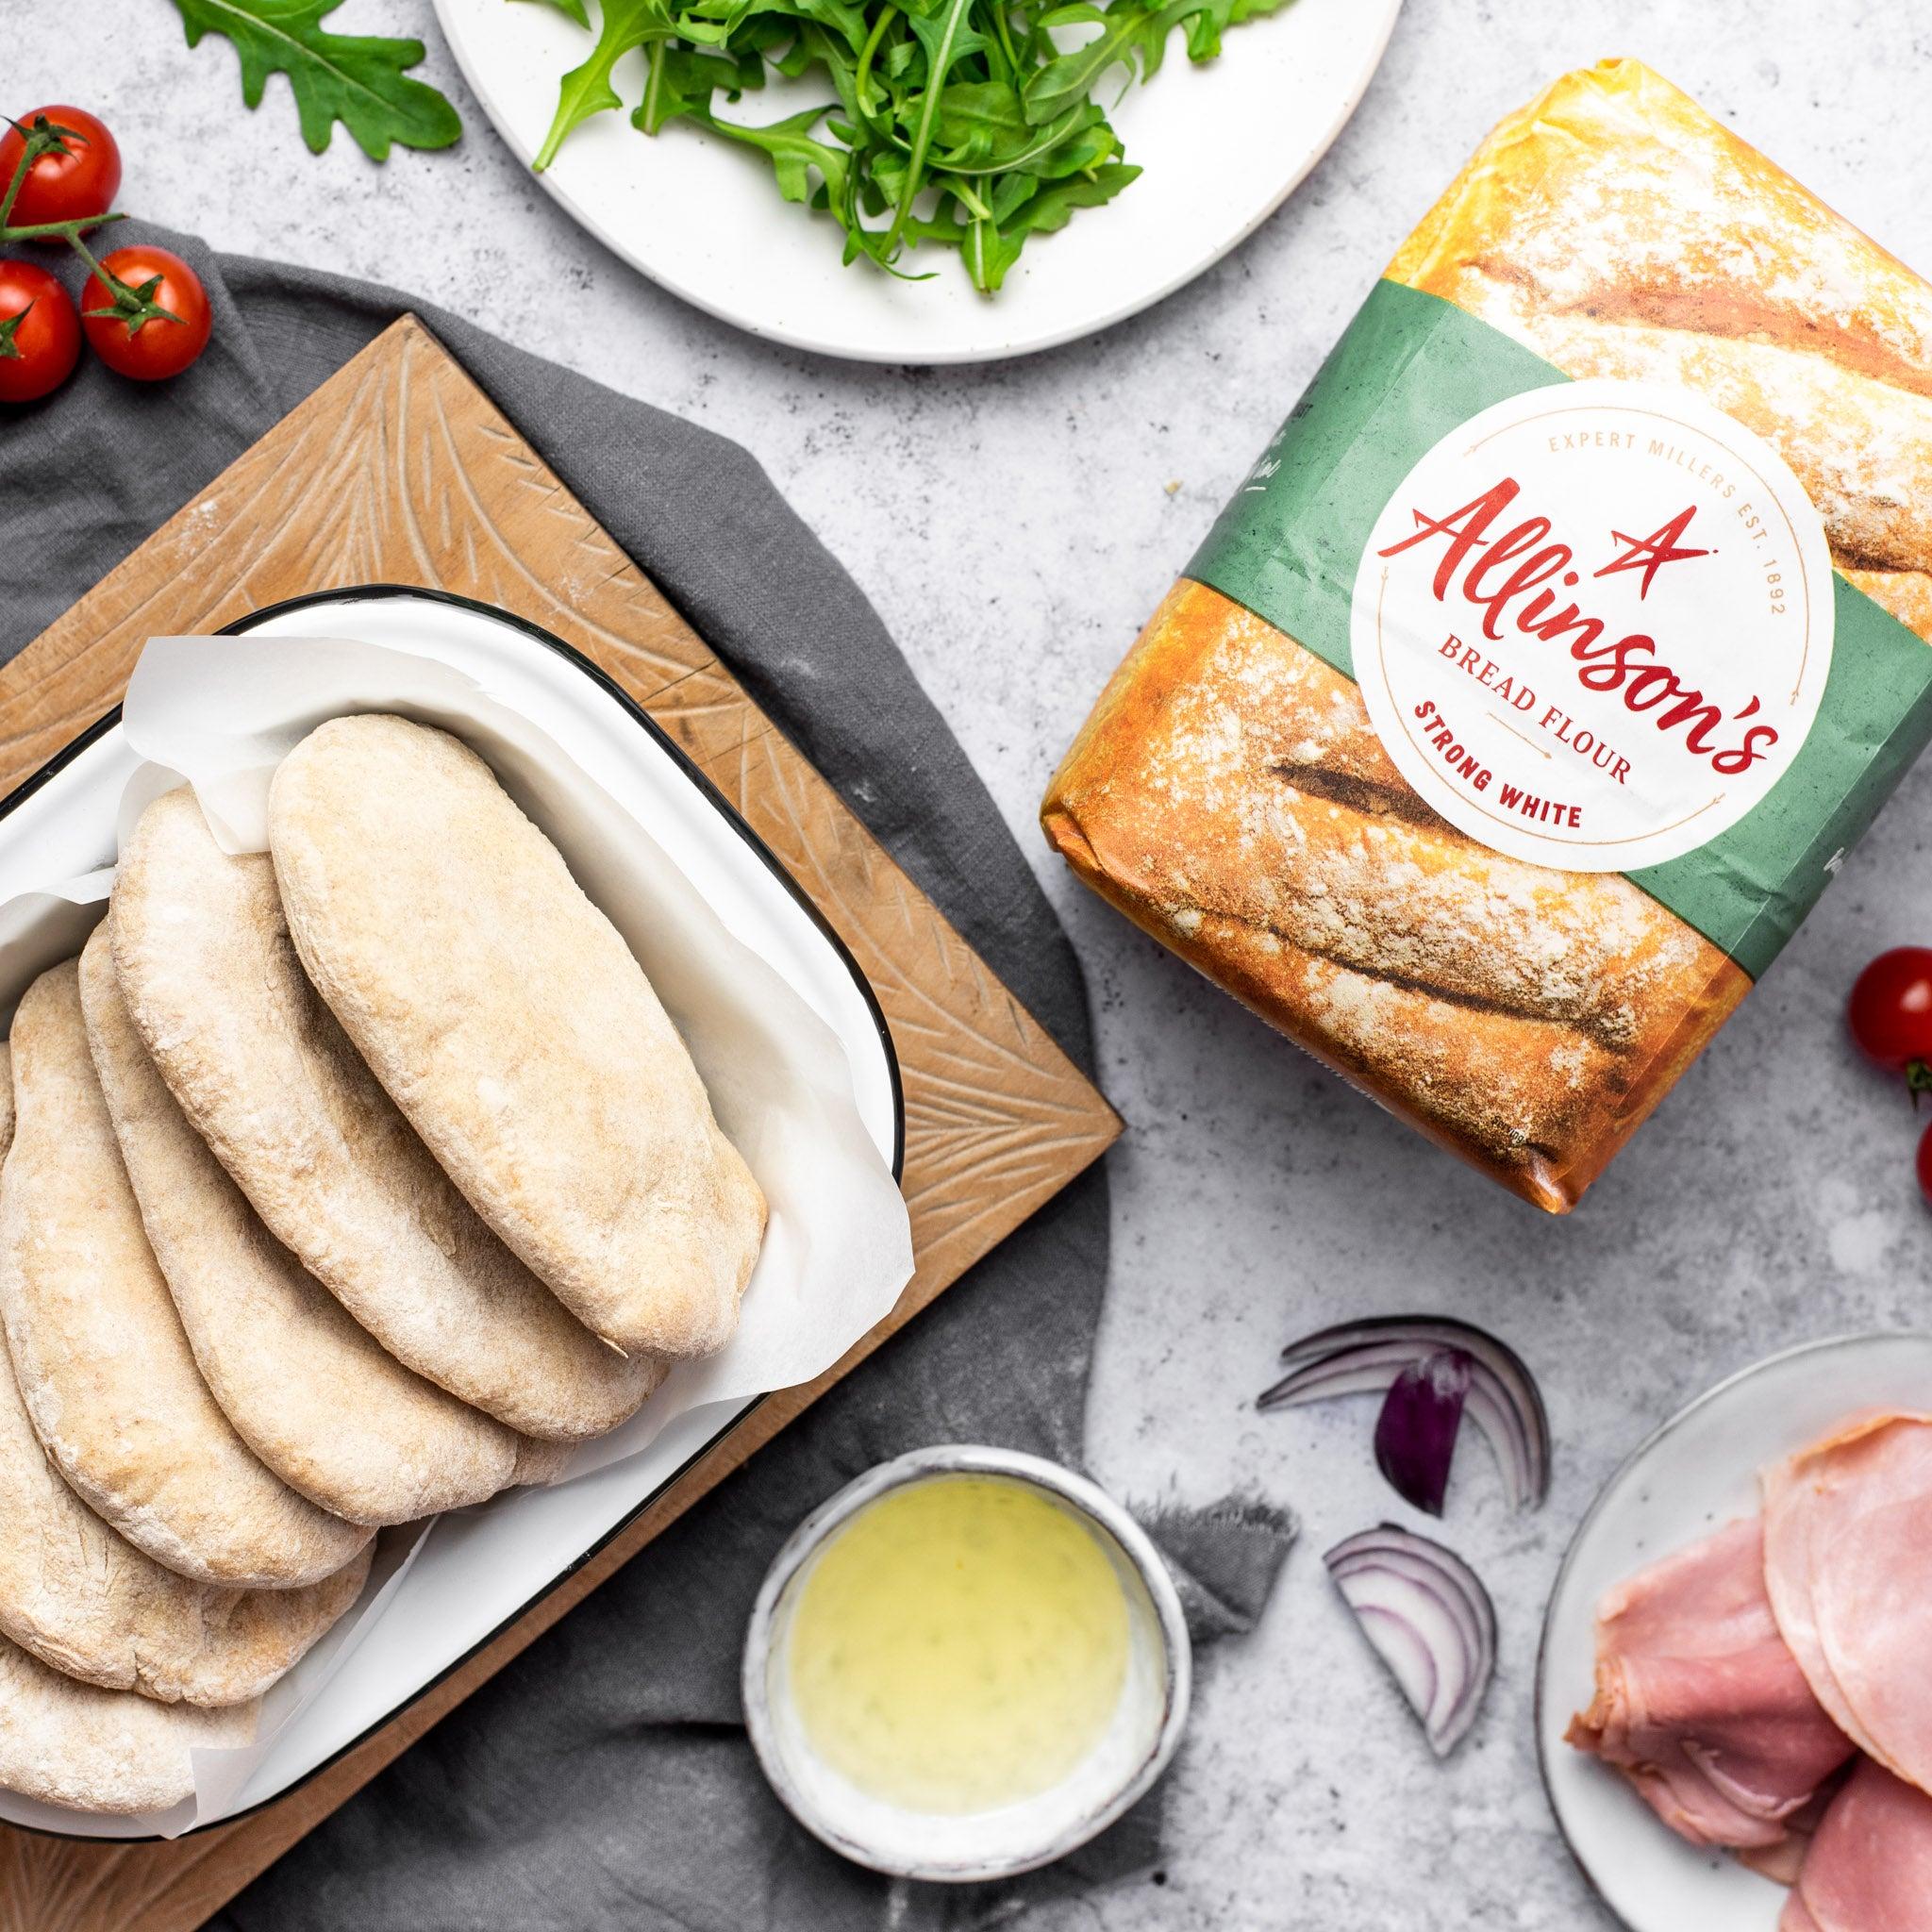 Allinsons-Pitta-Bread-1-1-Baking-Mad-3.jpg